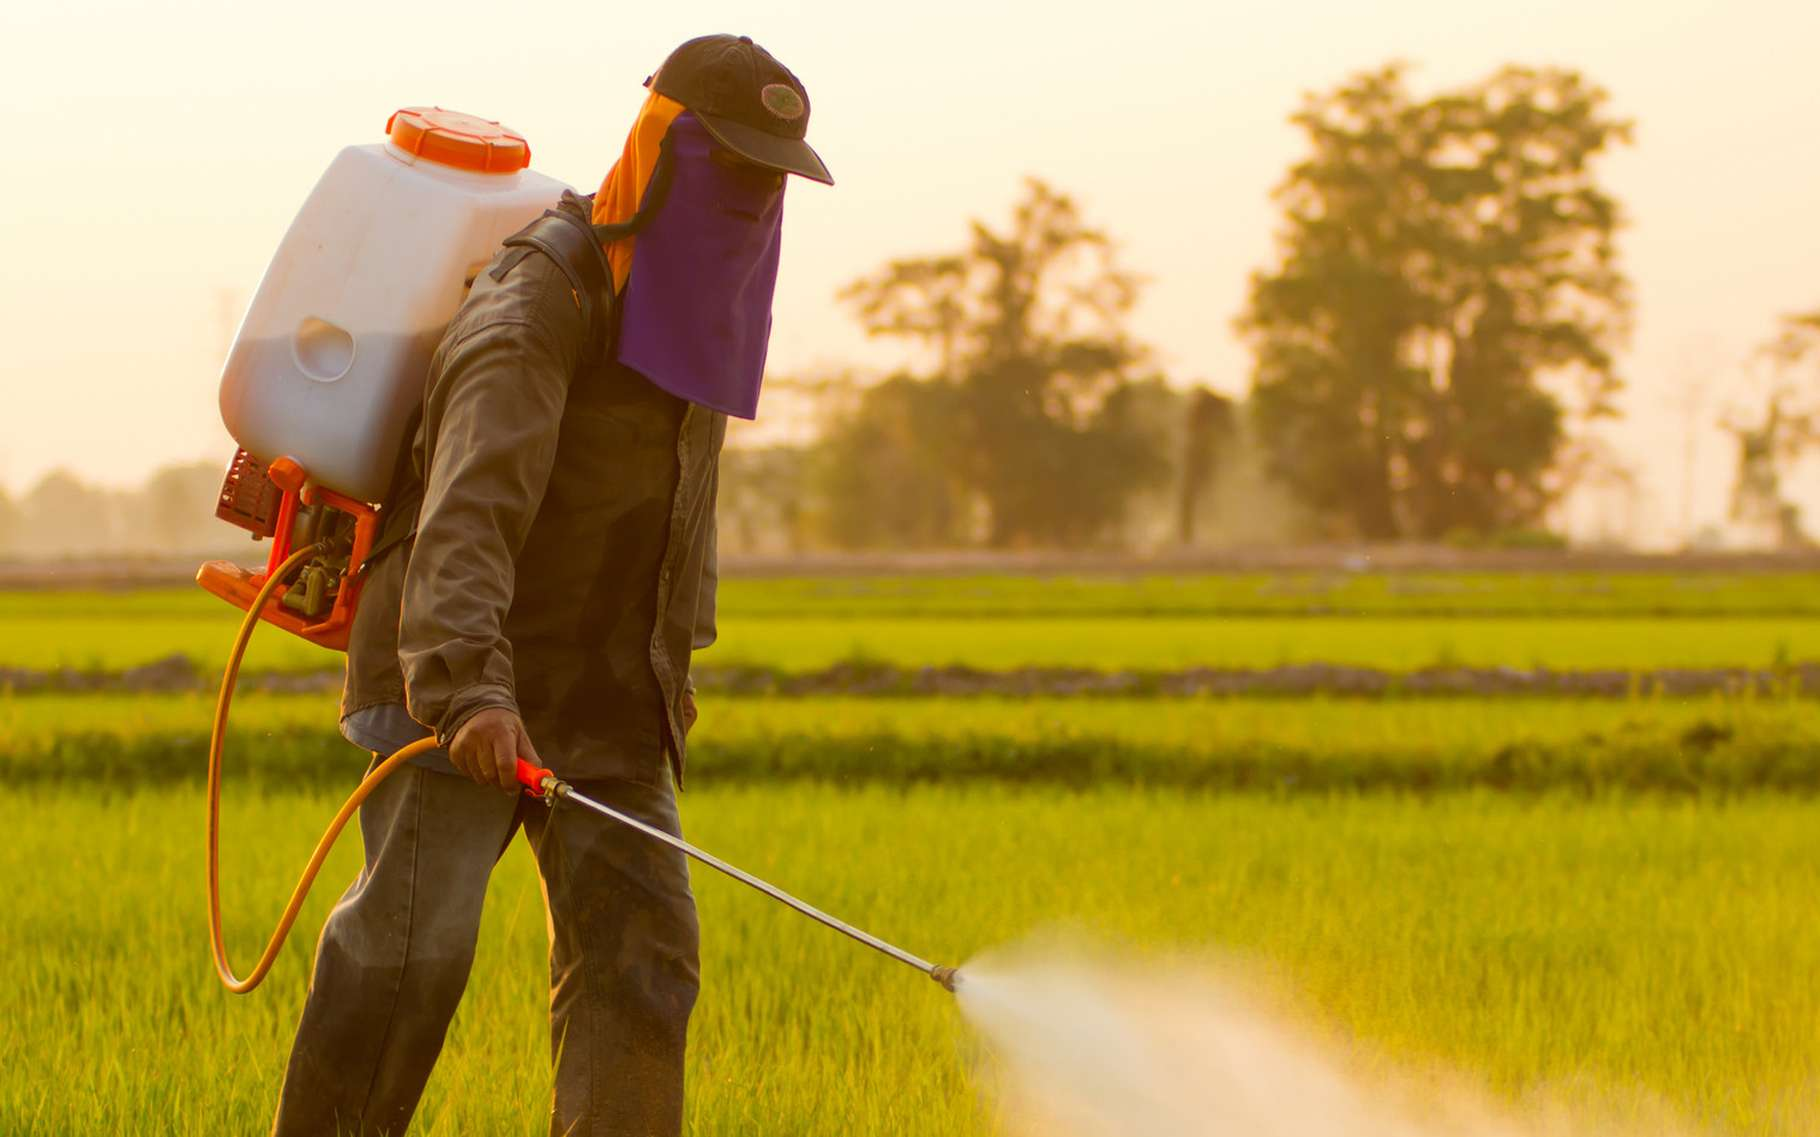 Les agriculteurs sont conscients des dangers des pesticides et préviennent de leur utilisation dans leurs champs. © PiggingFoto, Shutterstock